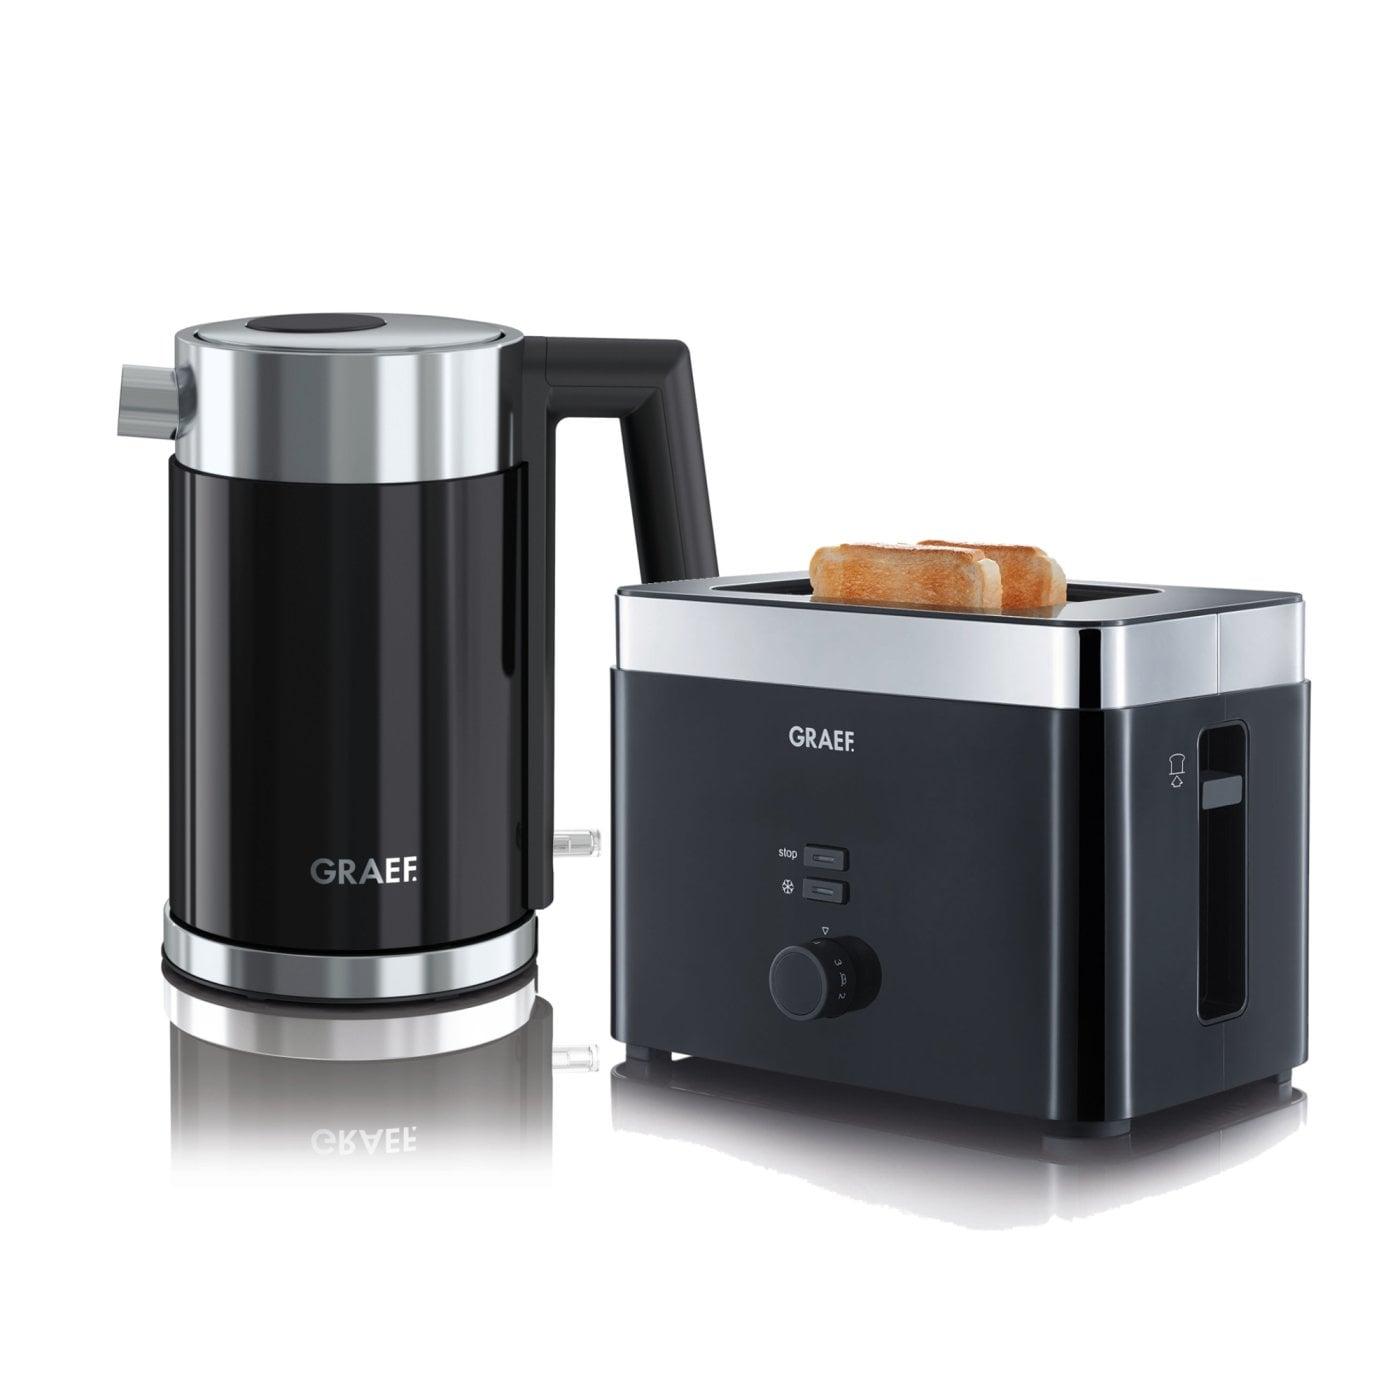 set wasserkocher toaster wk402eu und to62eu graef. Black Bedroom Furniture Sets. Home Design Ideas